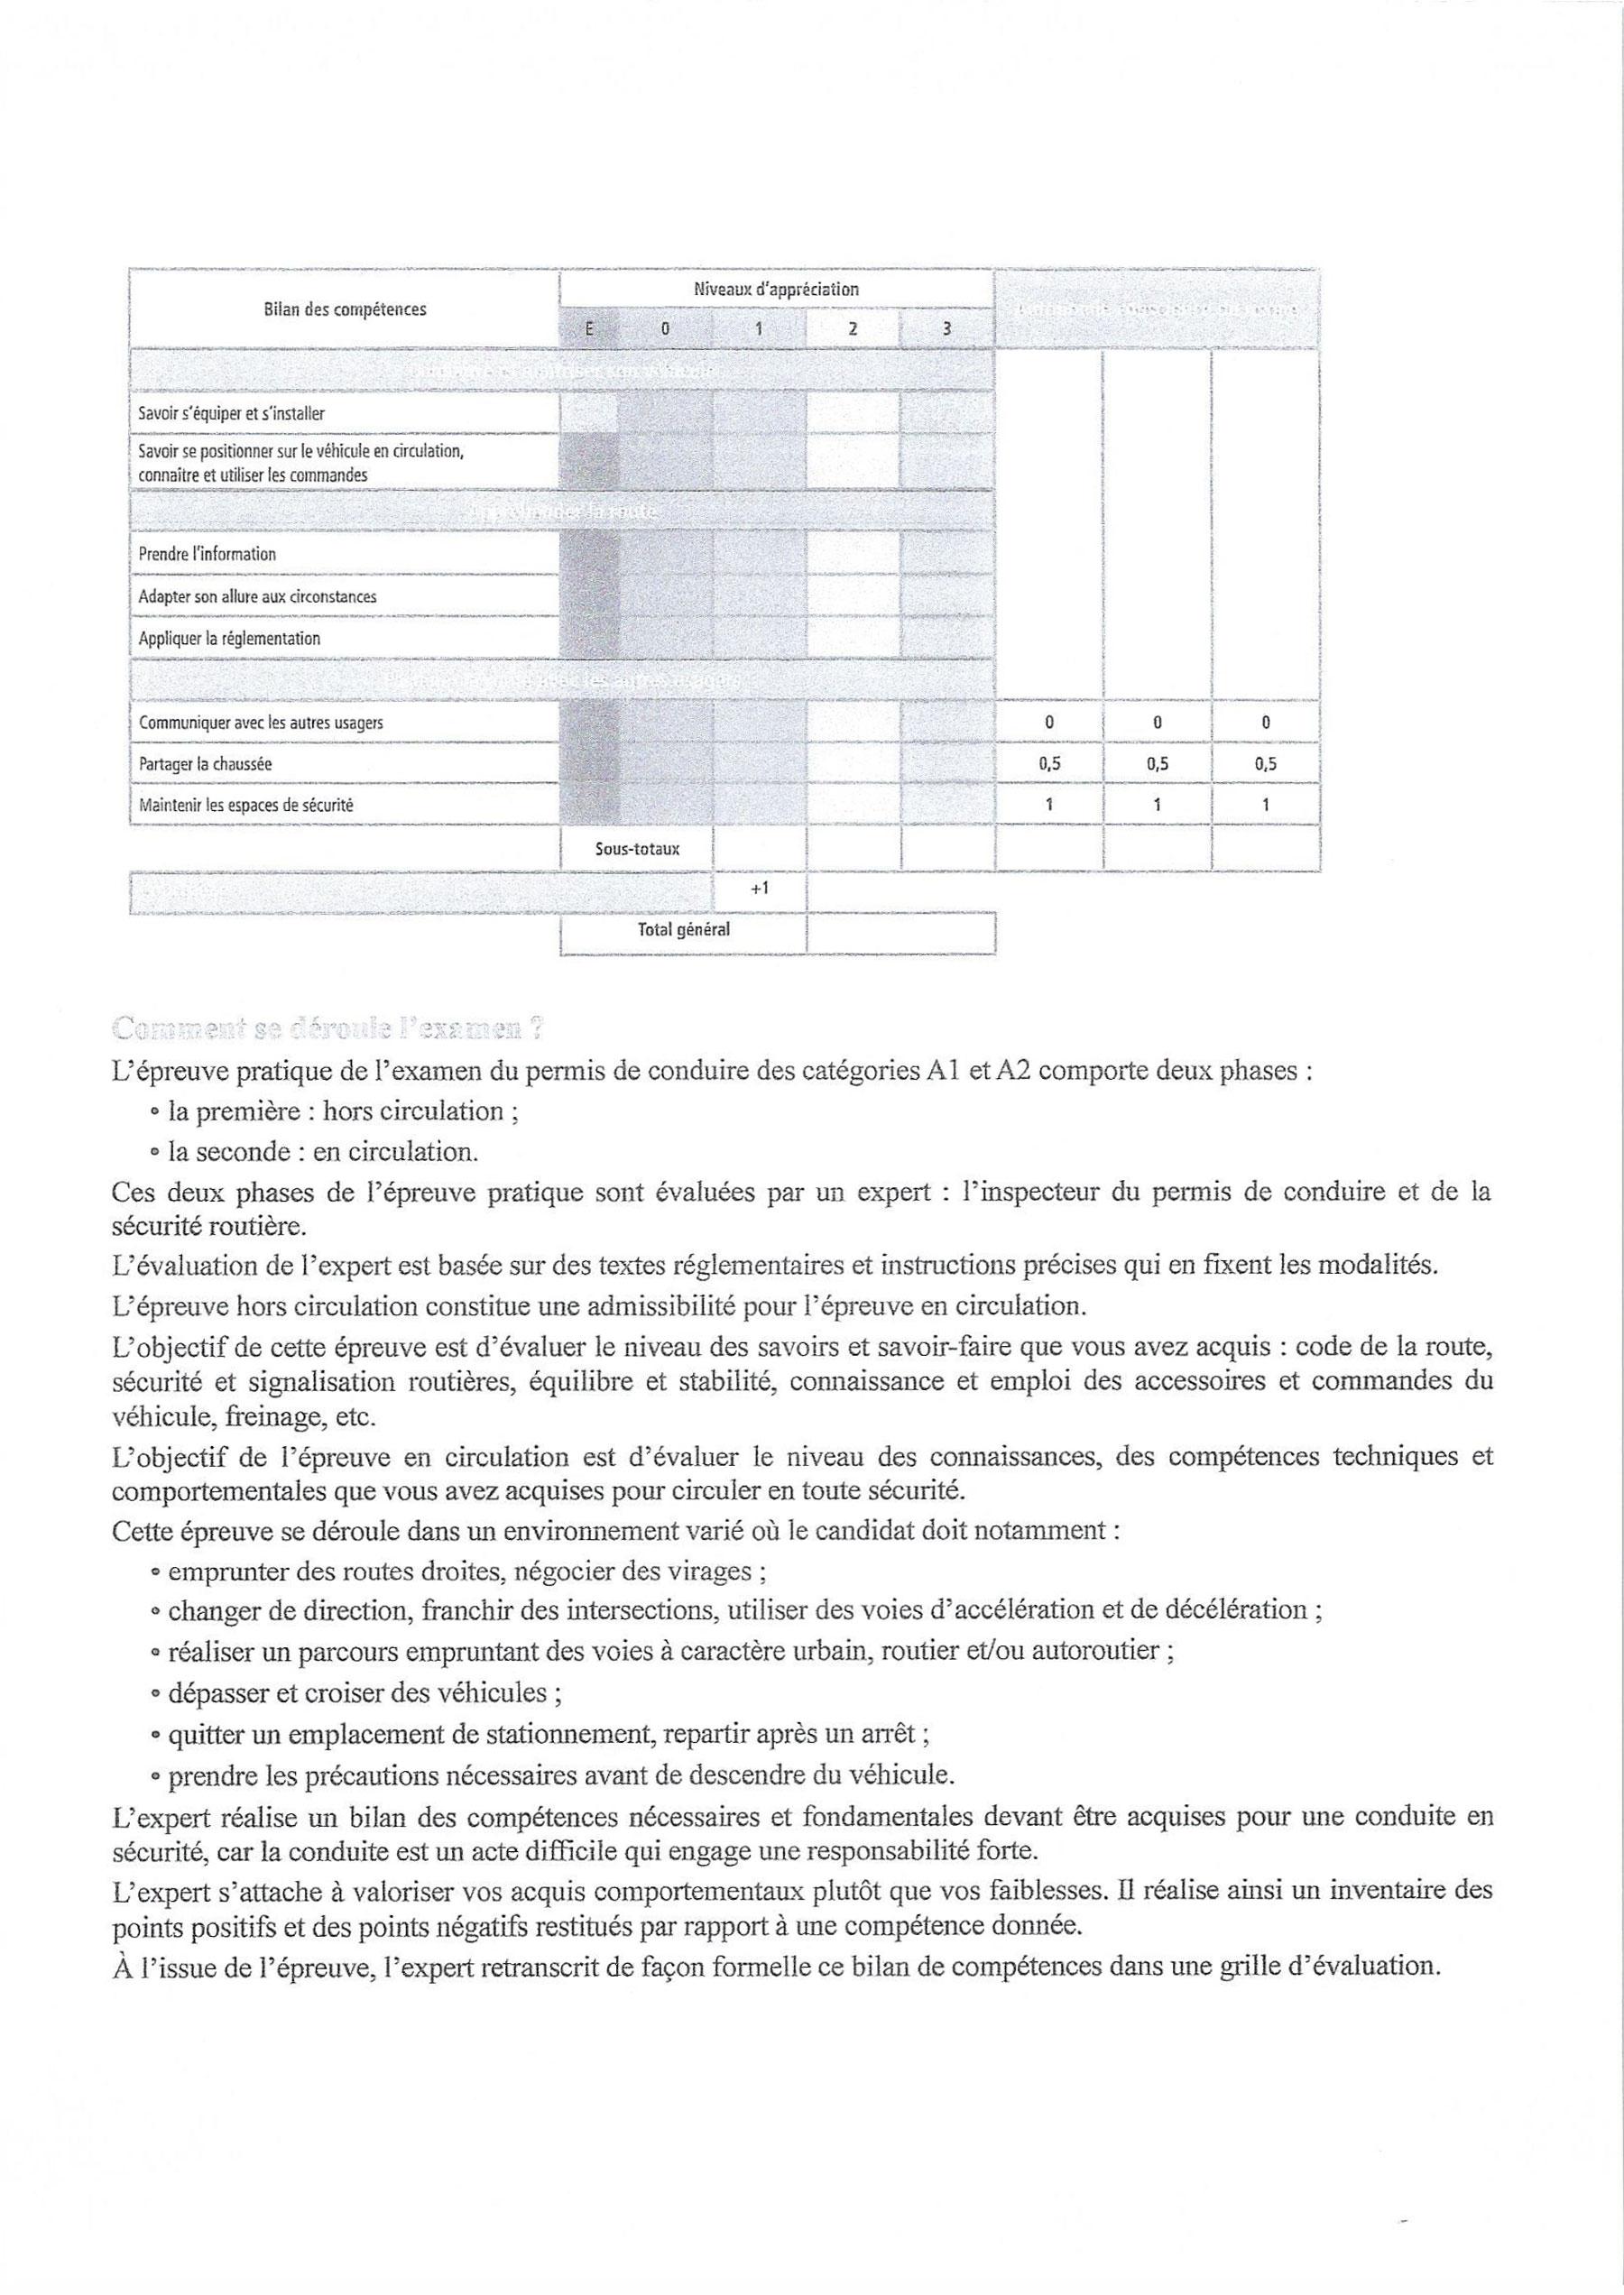 DEROULEMENT-A-LA-CATEGORIS-A1-A2-DU-PERMIS-DE-CONDUIRE